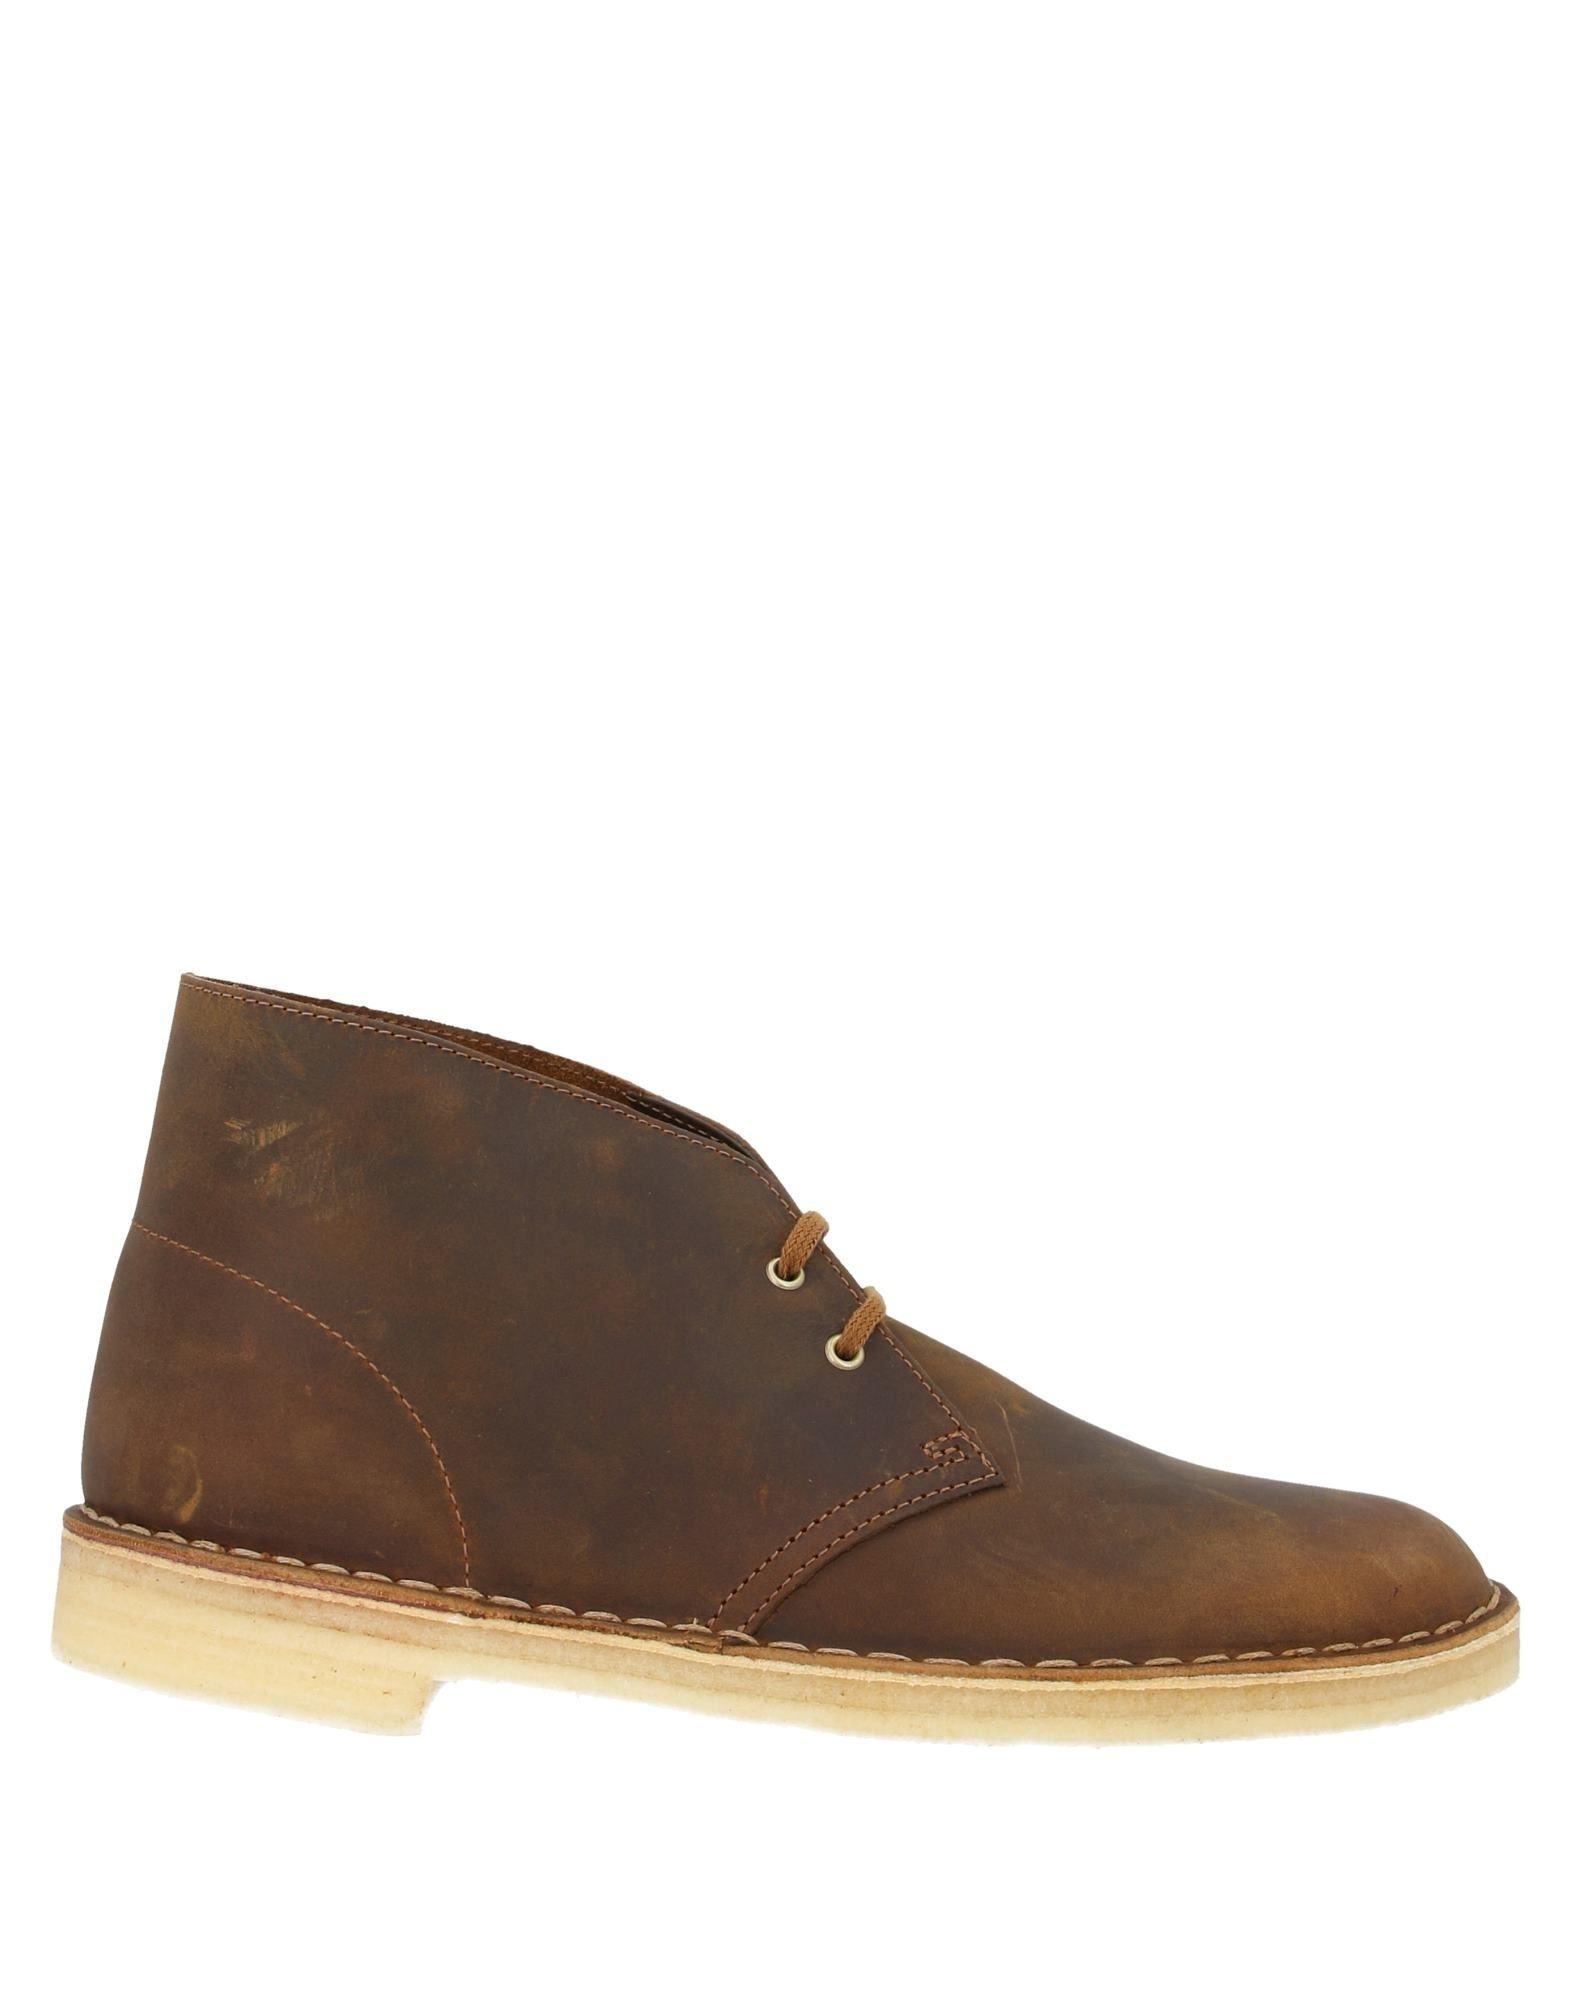 Rabatt Stiefelette echte Schuhe Clarks Originals Stiefelette Rabatt Herren  11003031RU 0cd005